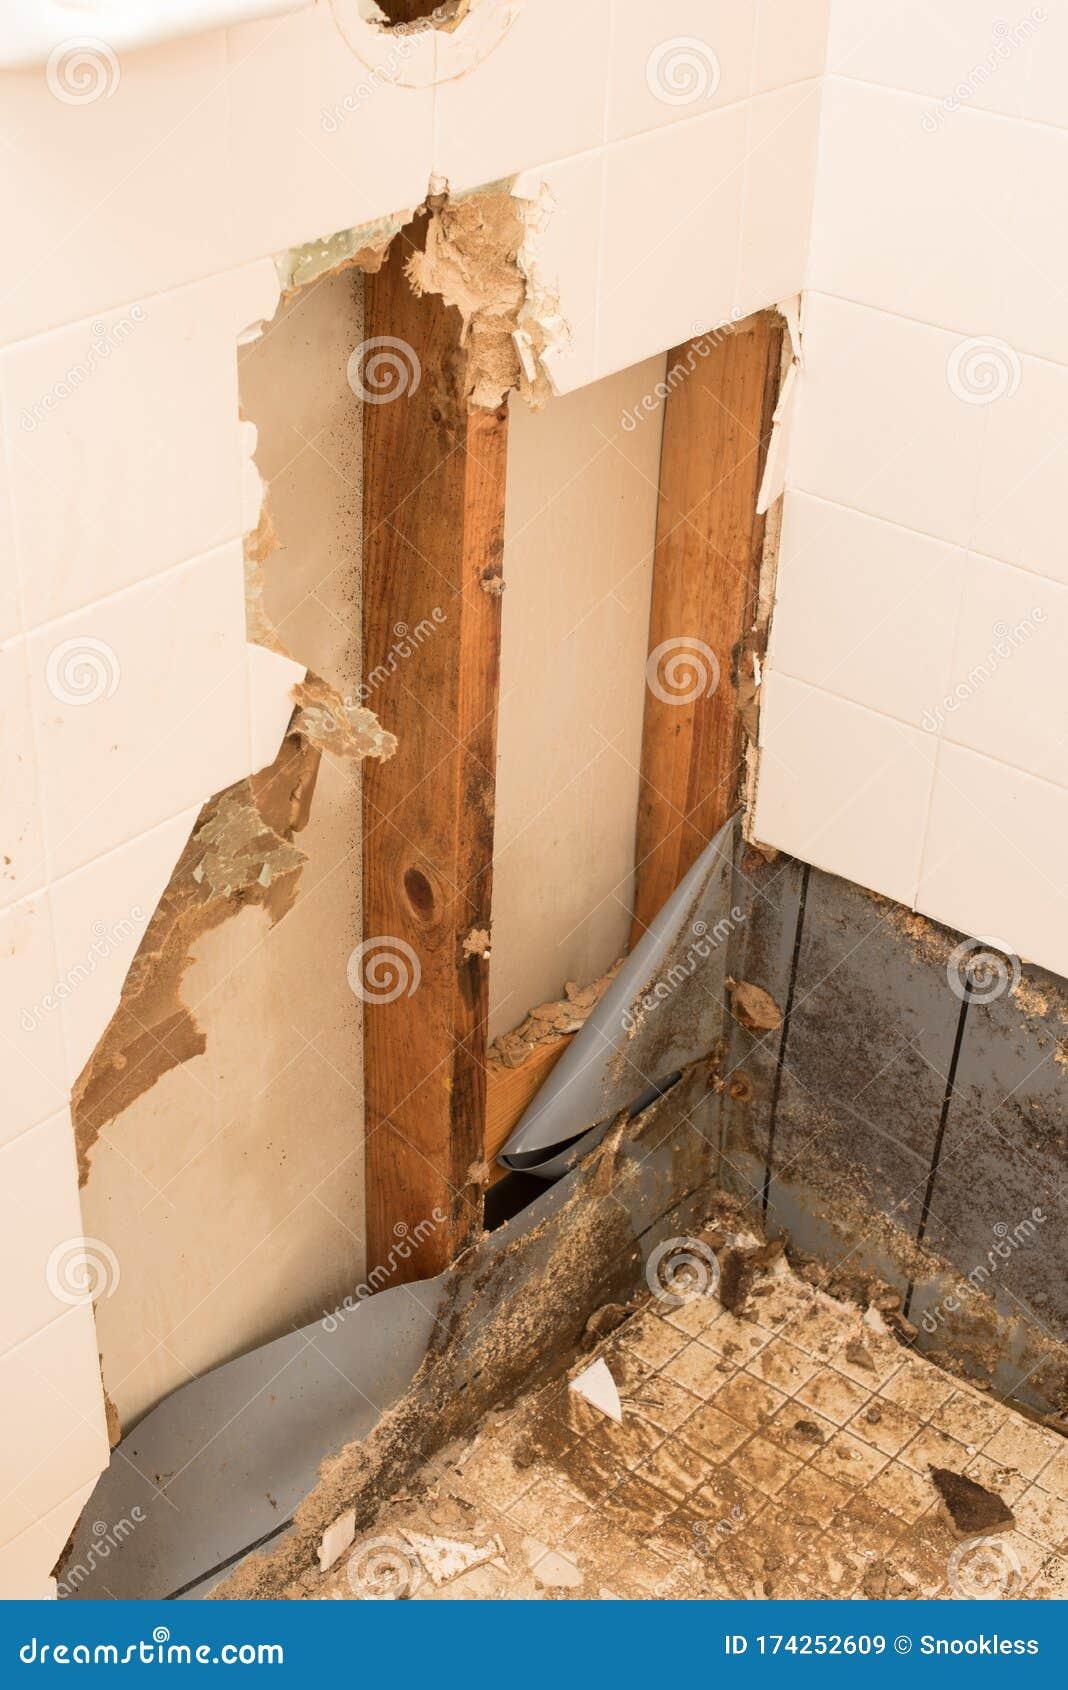 Shower Pan Damage Or Repair Stock Image Image Of Repair Room 174252609